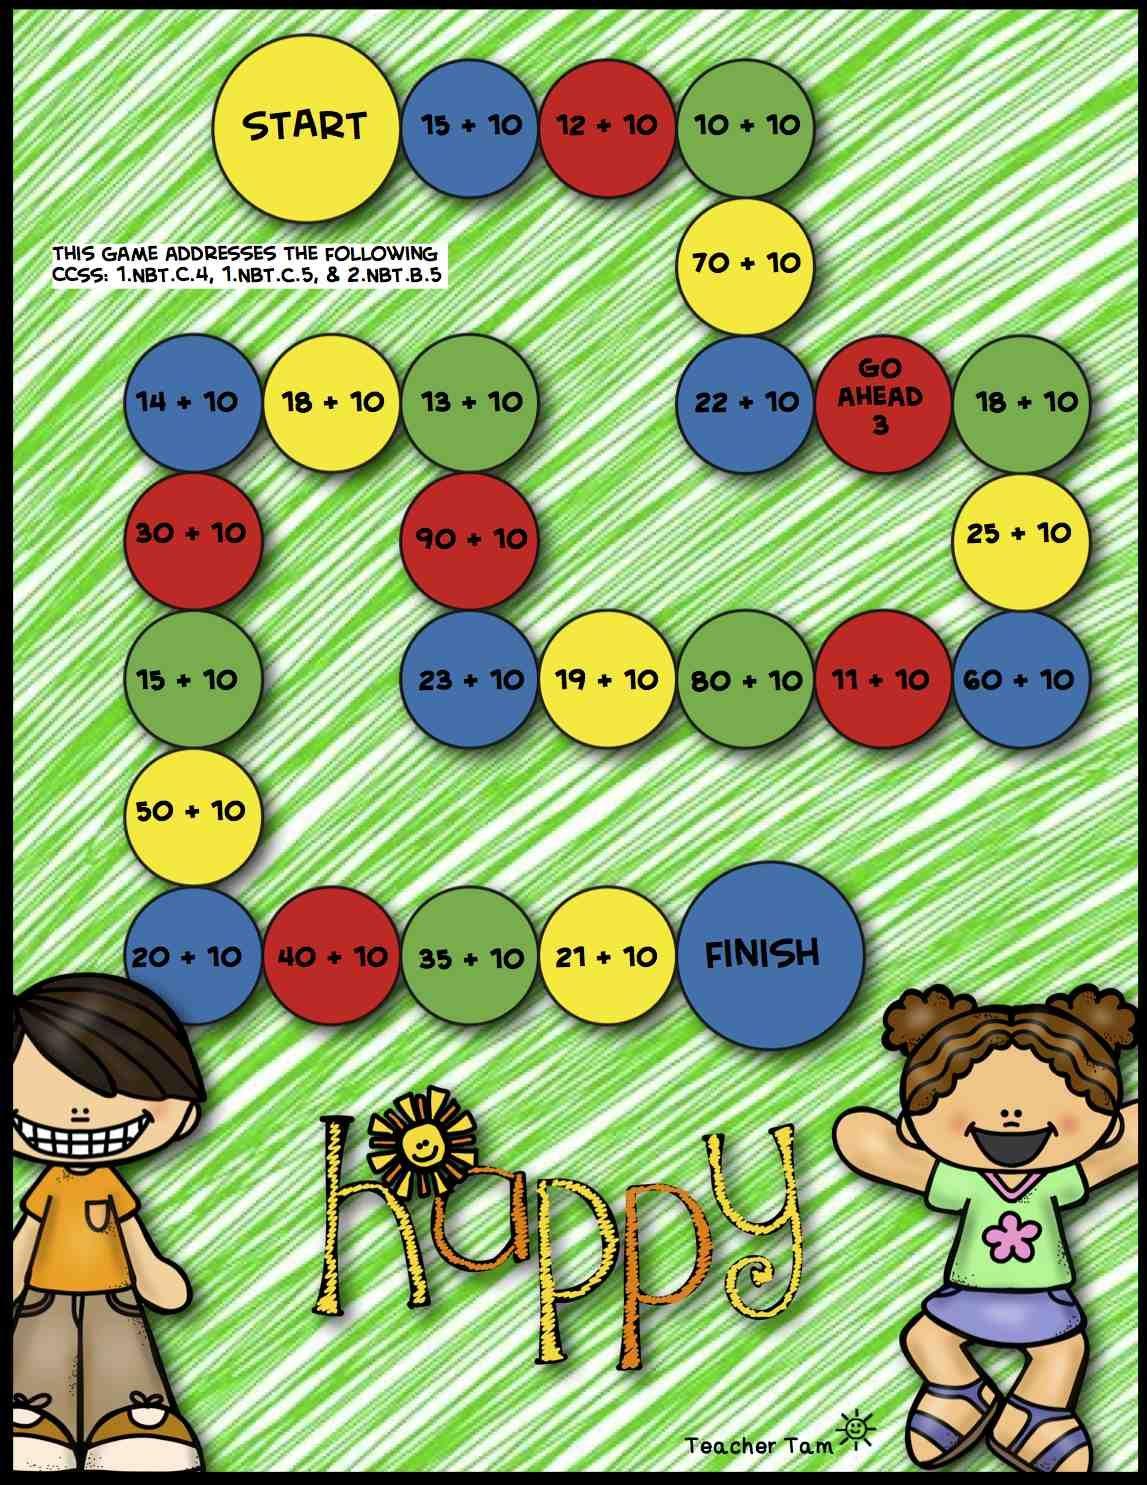 Powers Of 10 Math Face Off 5 Nbt 2